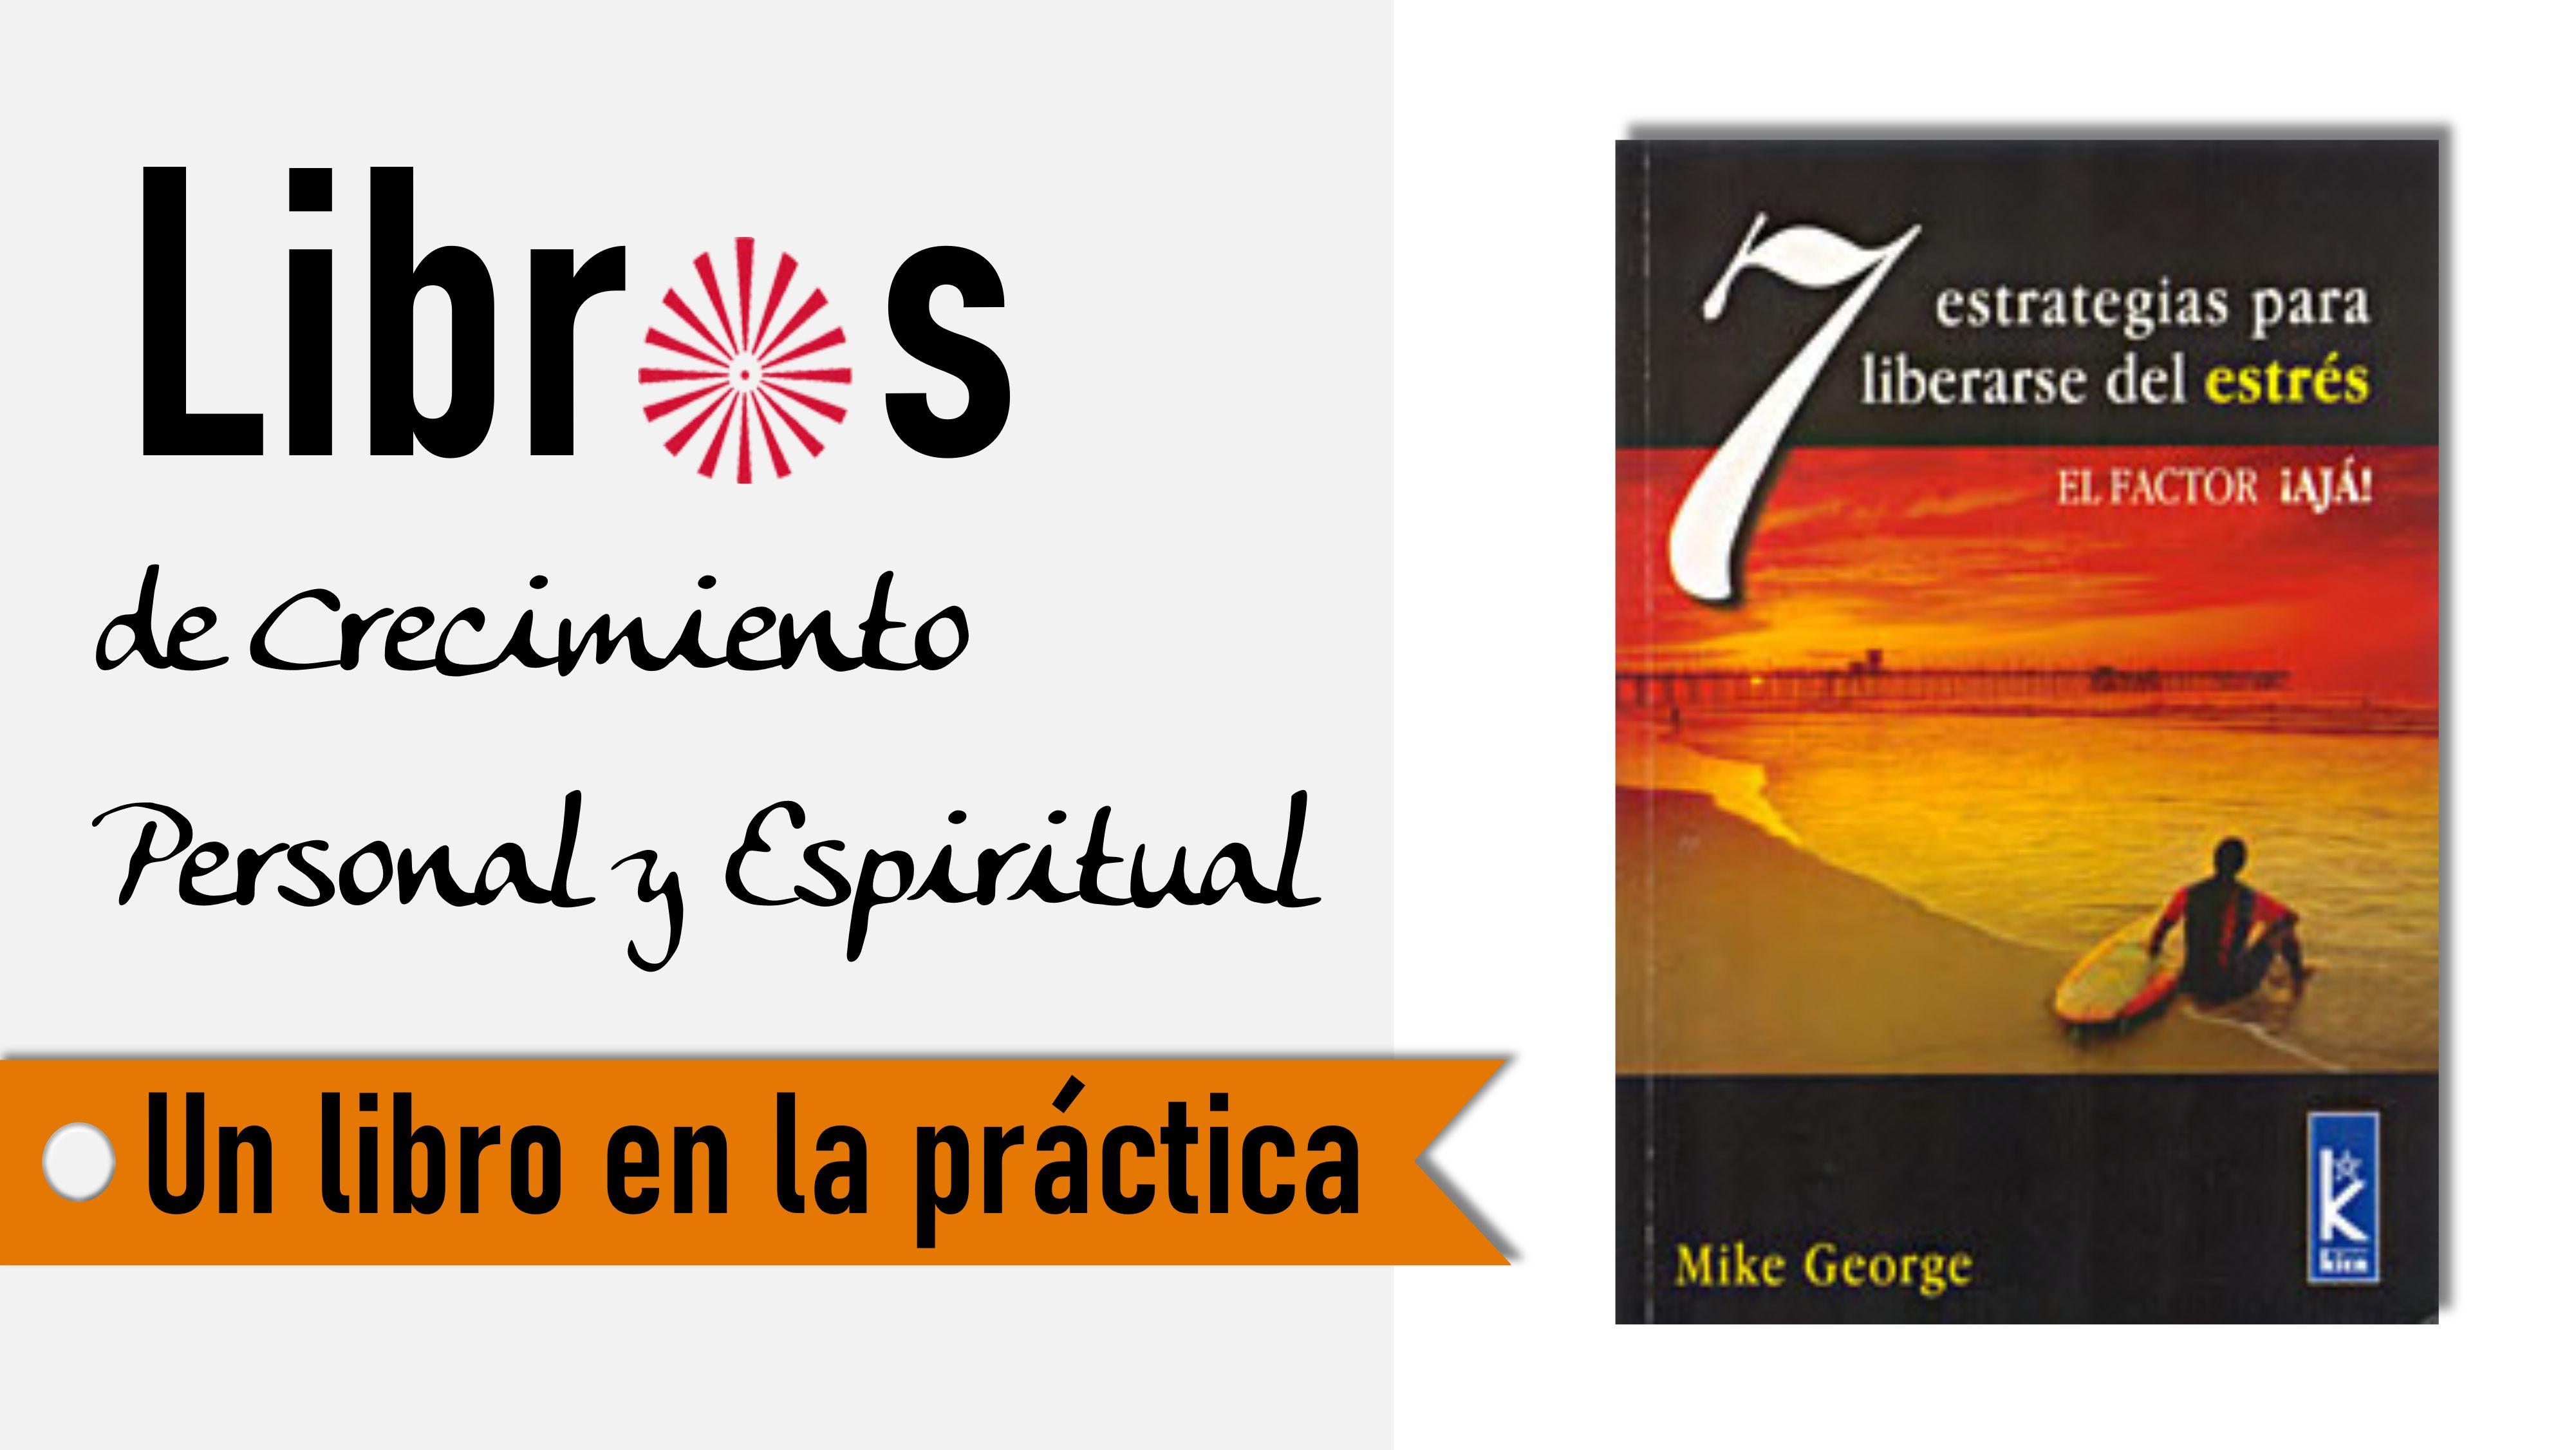 8 Septiembre 2020 Un libro en la práctica: 7 estrategias para liberarse del estrés